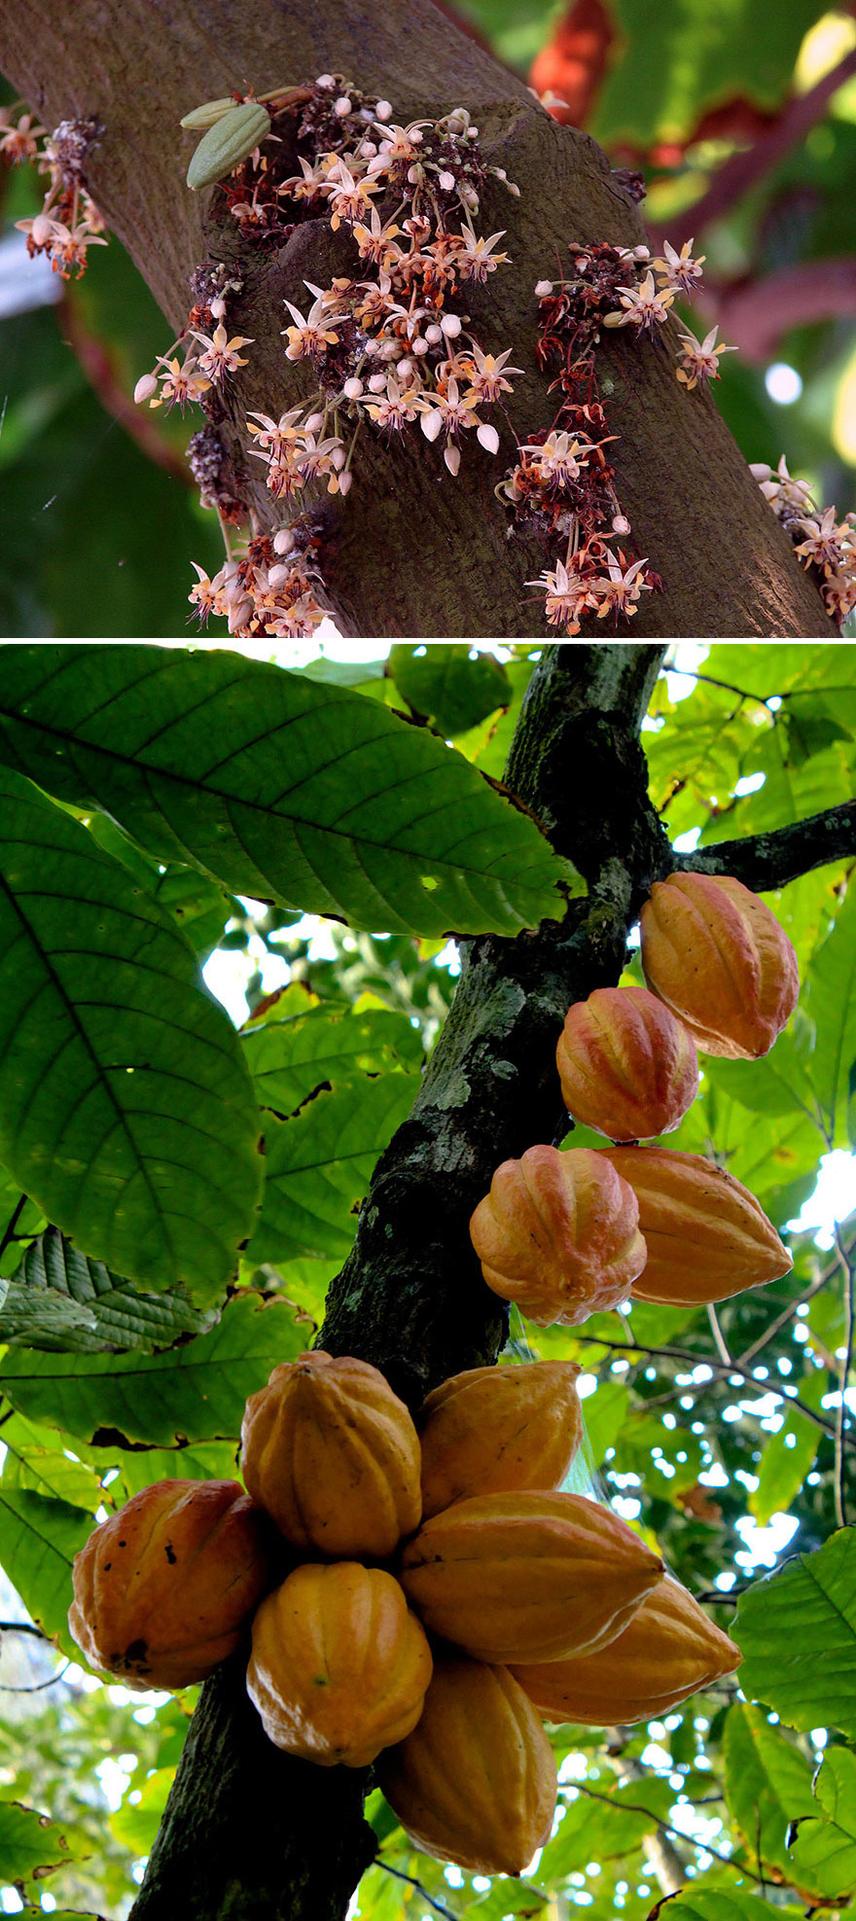 Még Gombóc Artúr sem ismerne rá a csokoládé alapanyagára, ha a dél-amerikai vagy az afrikai kontinens egy fáján látná viszont. A zöldes vagy narancssárga terméseket az érés után lehántolják, a kakaóbabokat kiszárítják, megpörkölik, és csak ezután használják fel az édességekhez.